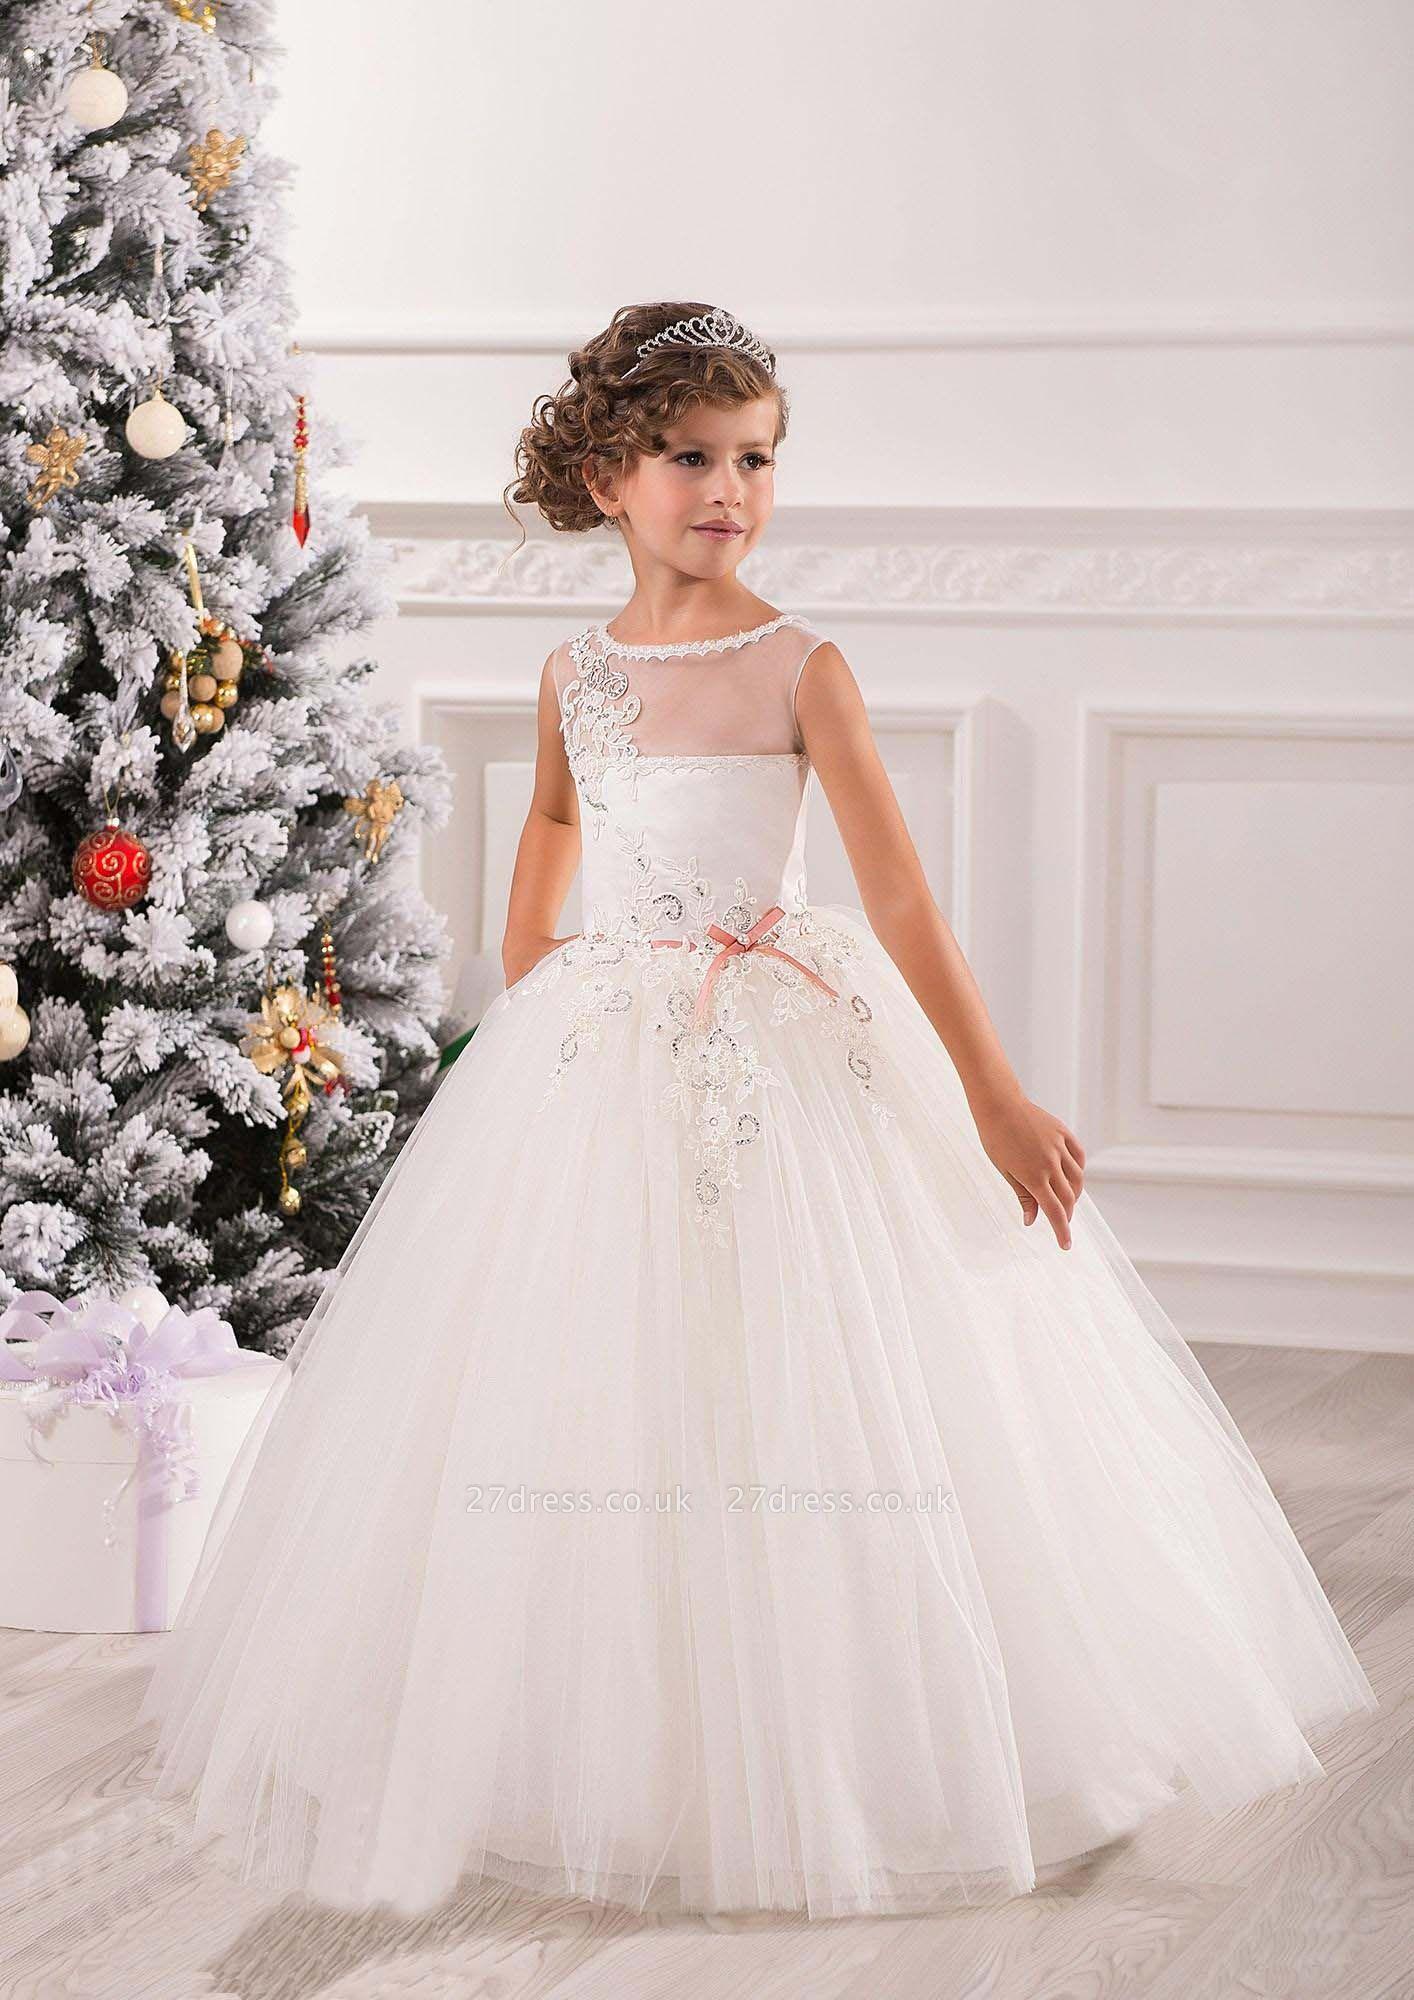 Lovely Princess Sleeveless Puffy Tulle Flower Girl Dress UK